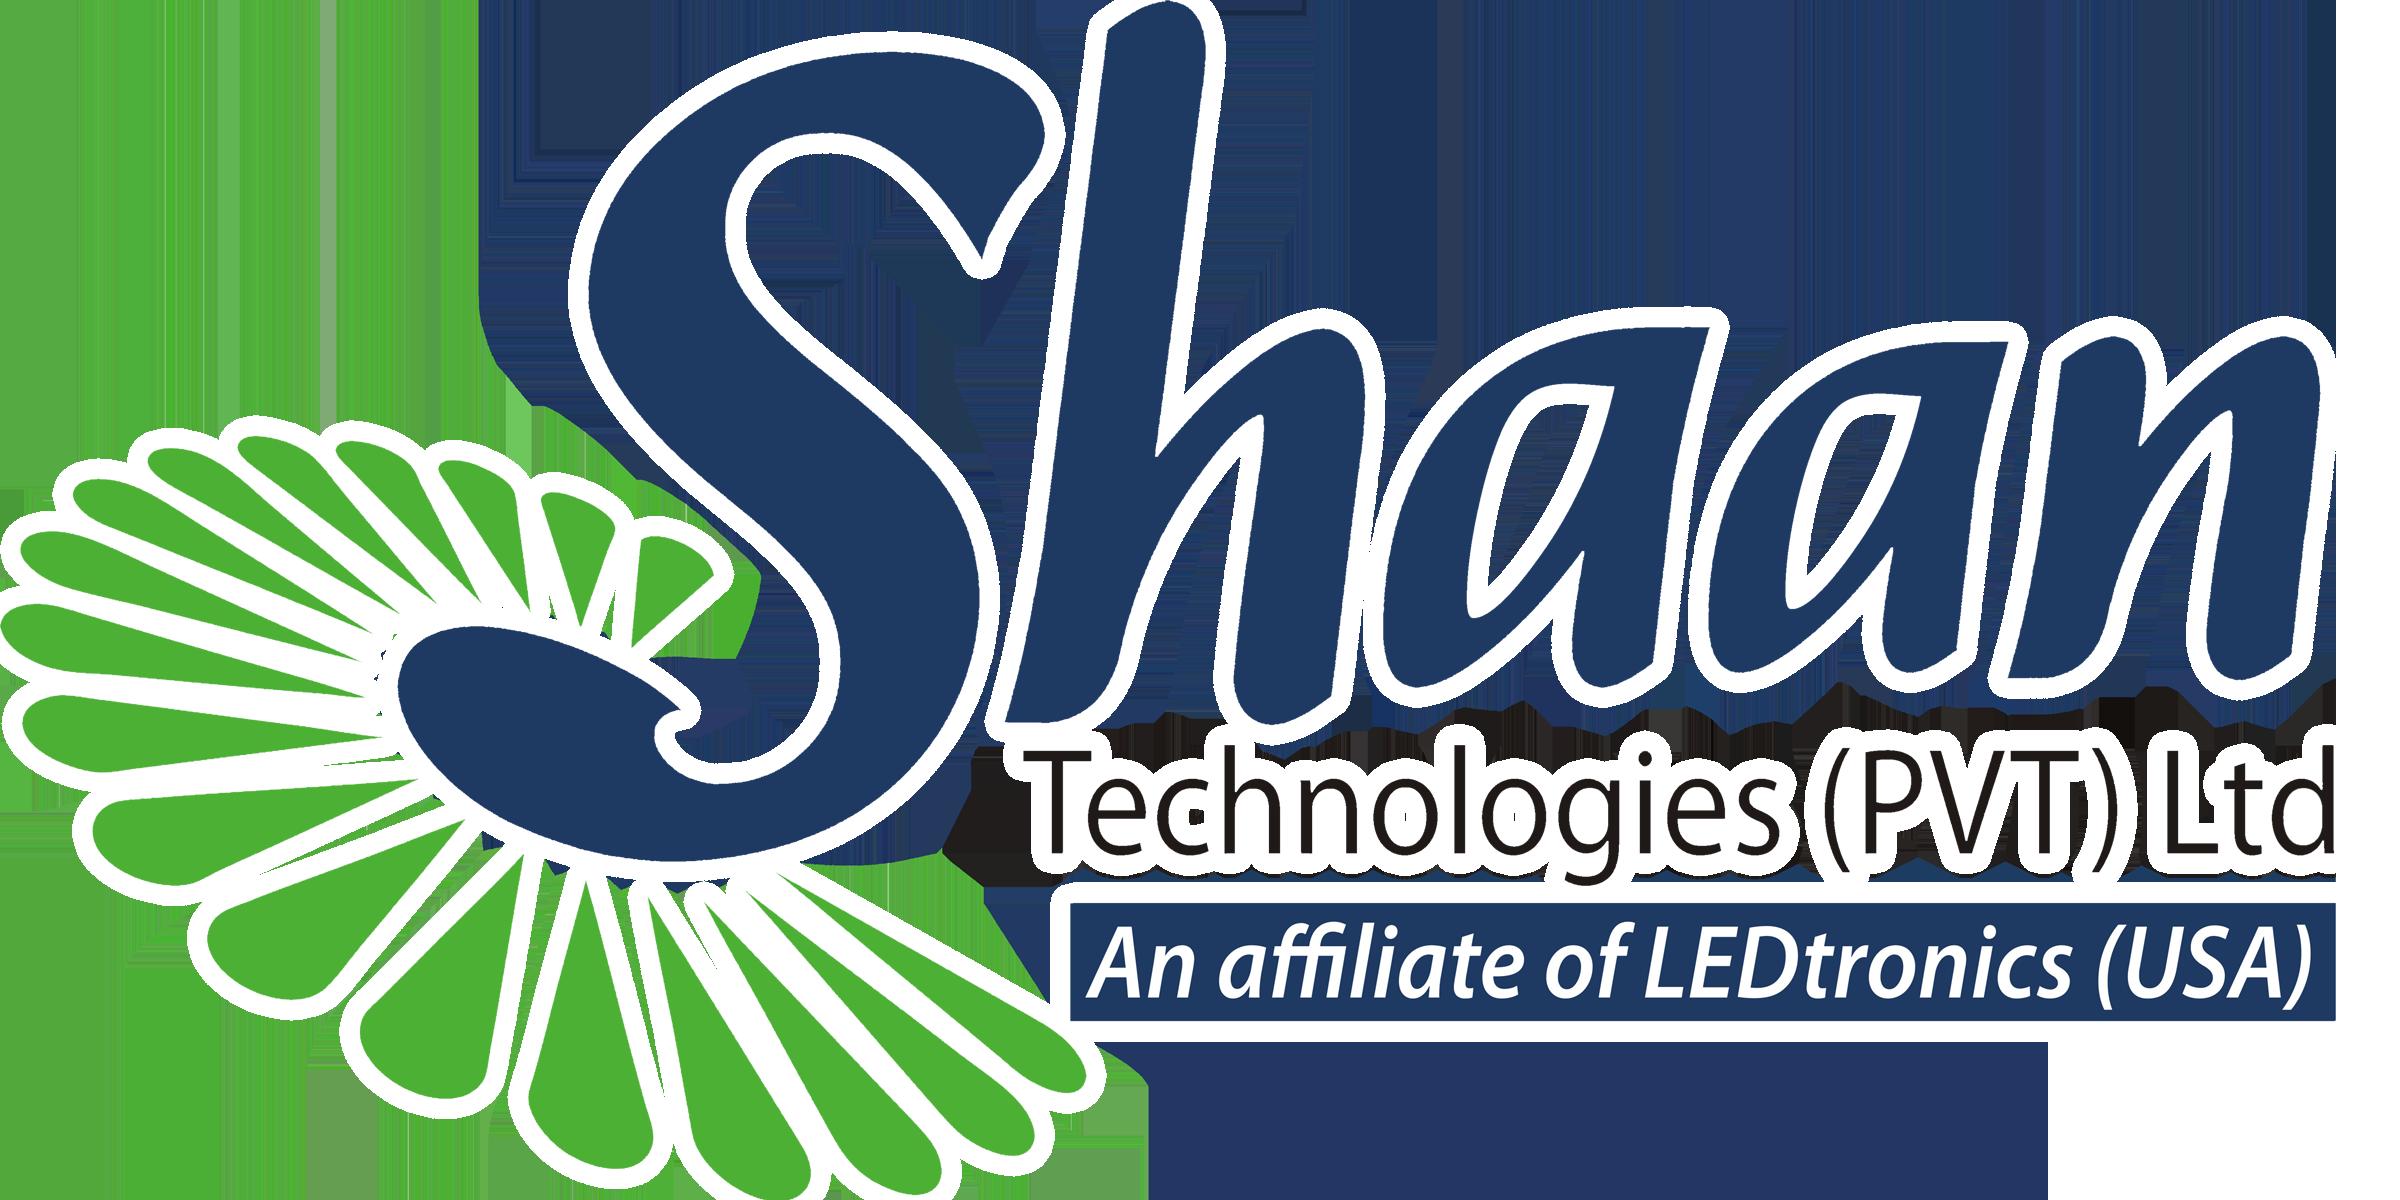 Shaantech.com